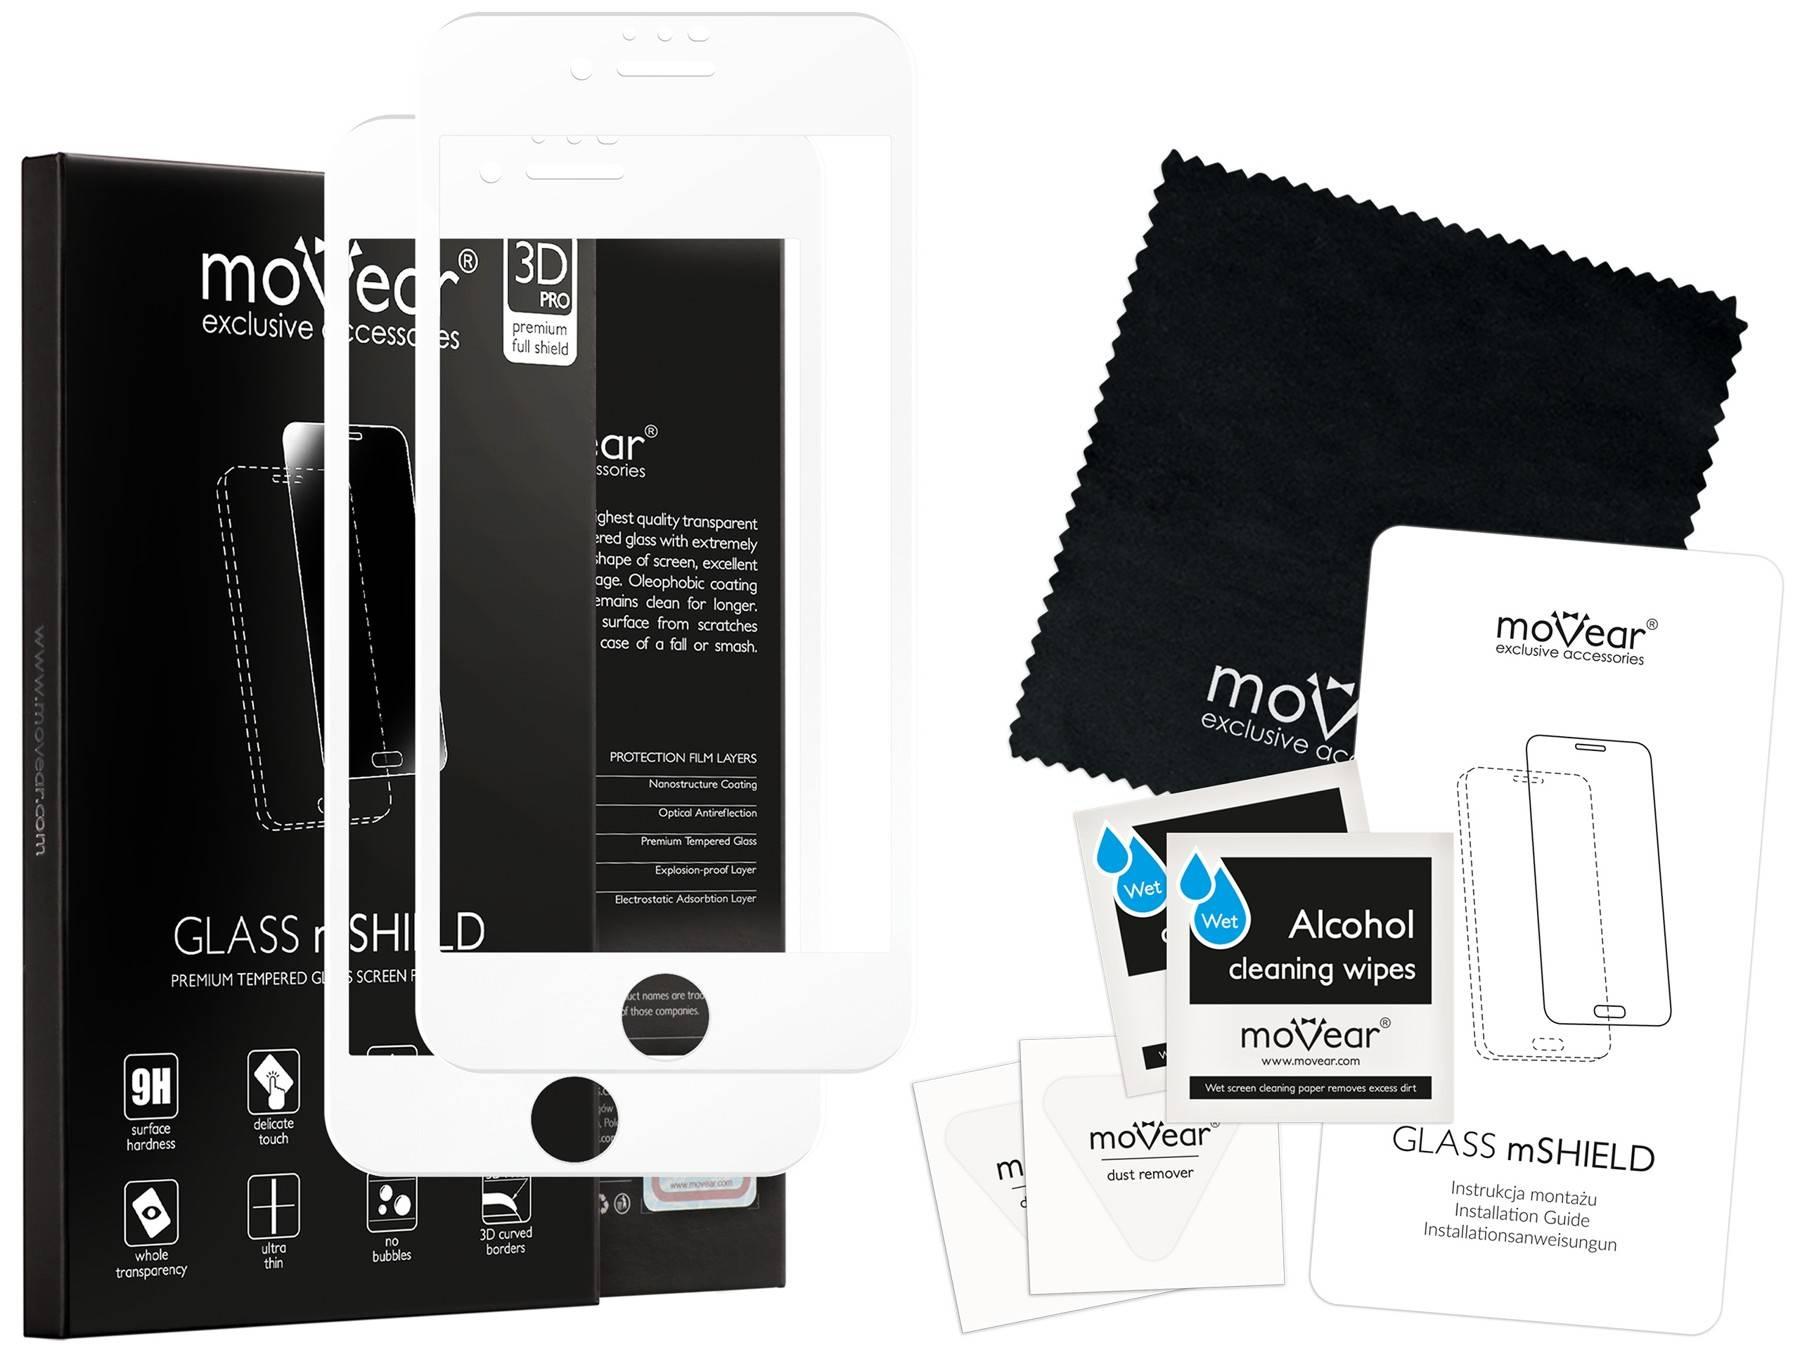 2 szt. | moVear Matowe Szkło Hartowane 3D PRO MATT na Apple iPhone 8 Plus / 7 Plus | na Cały Ekran, Antyrefleksyjne, 9H | GLASS mSHIELD Biały